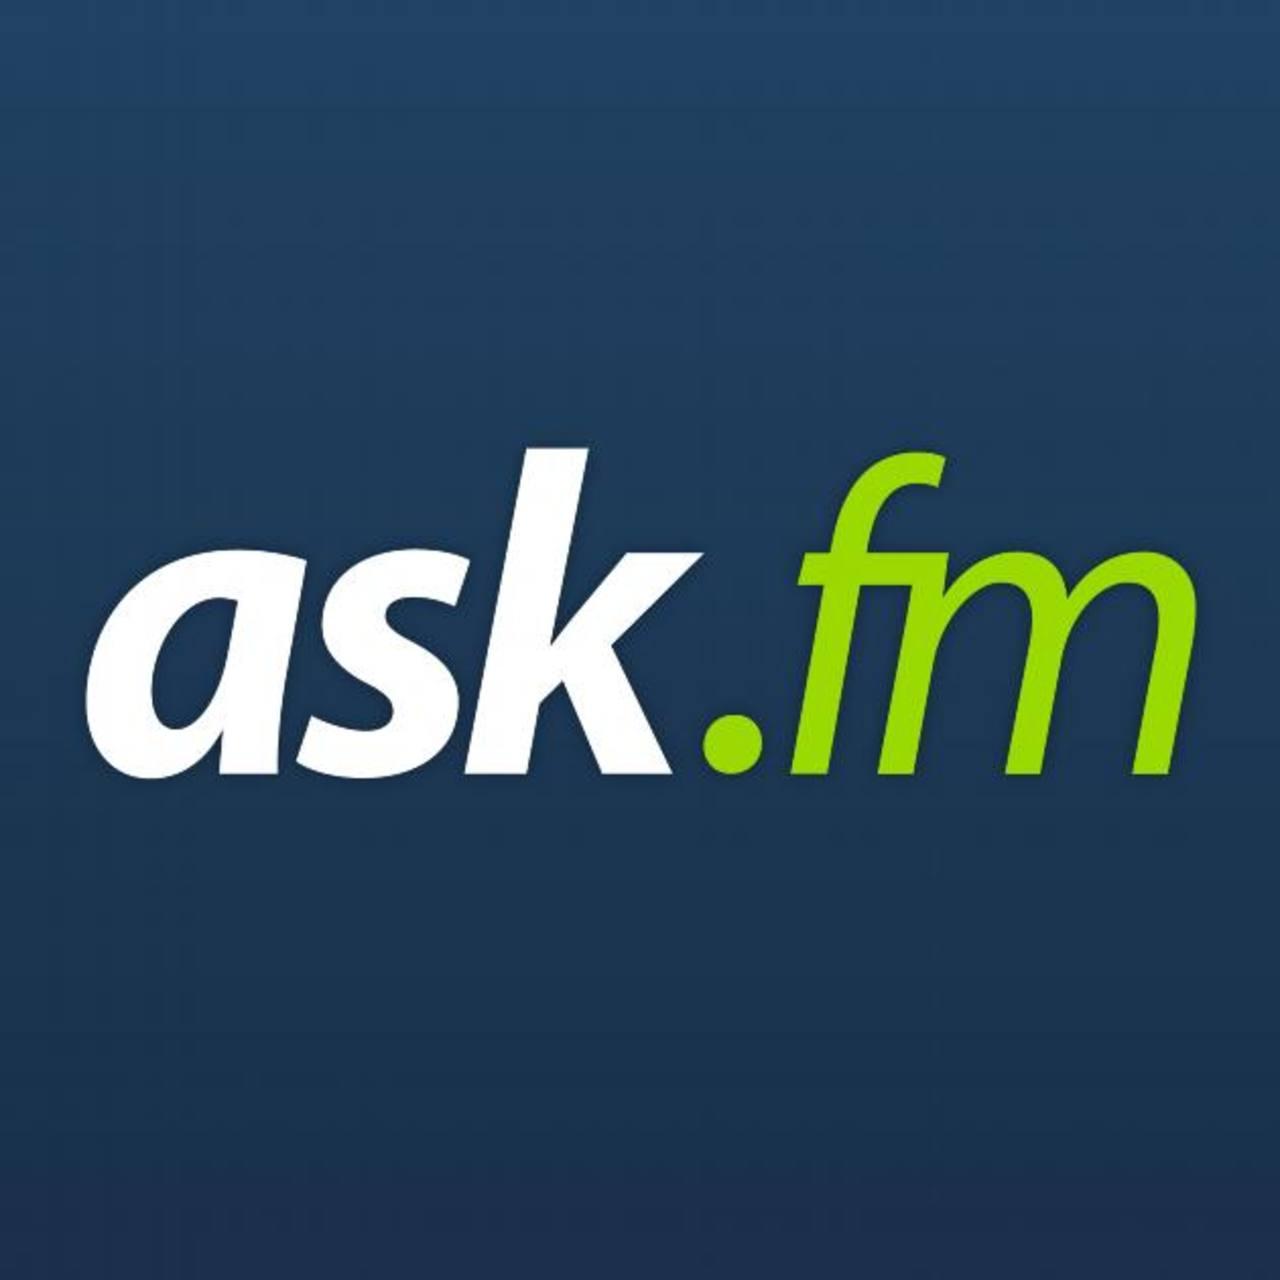 En la red social los usuarios cuelgan preguntas y resuelven dudas de forma anónima. FOTOs edh